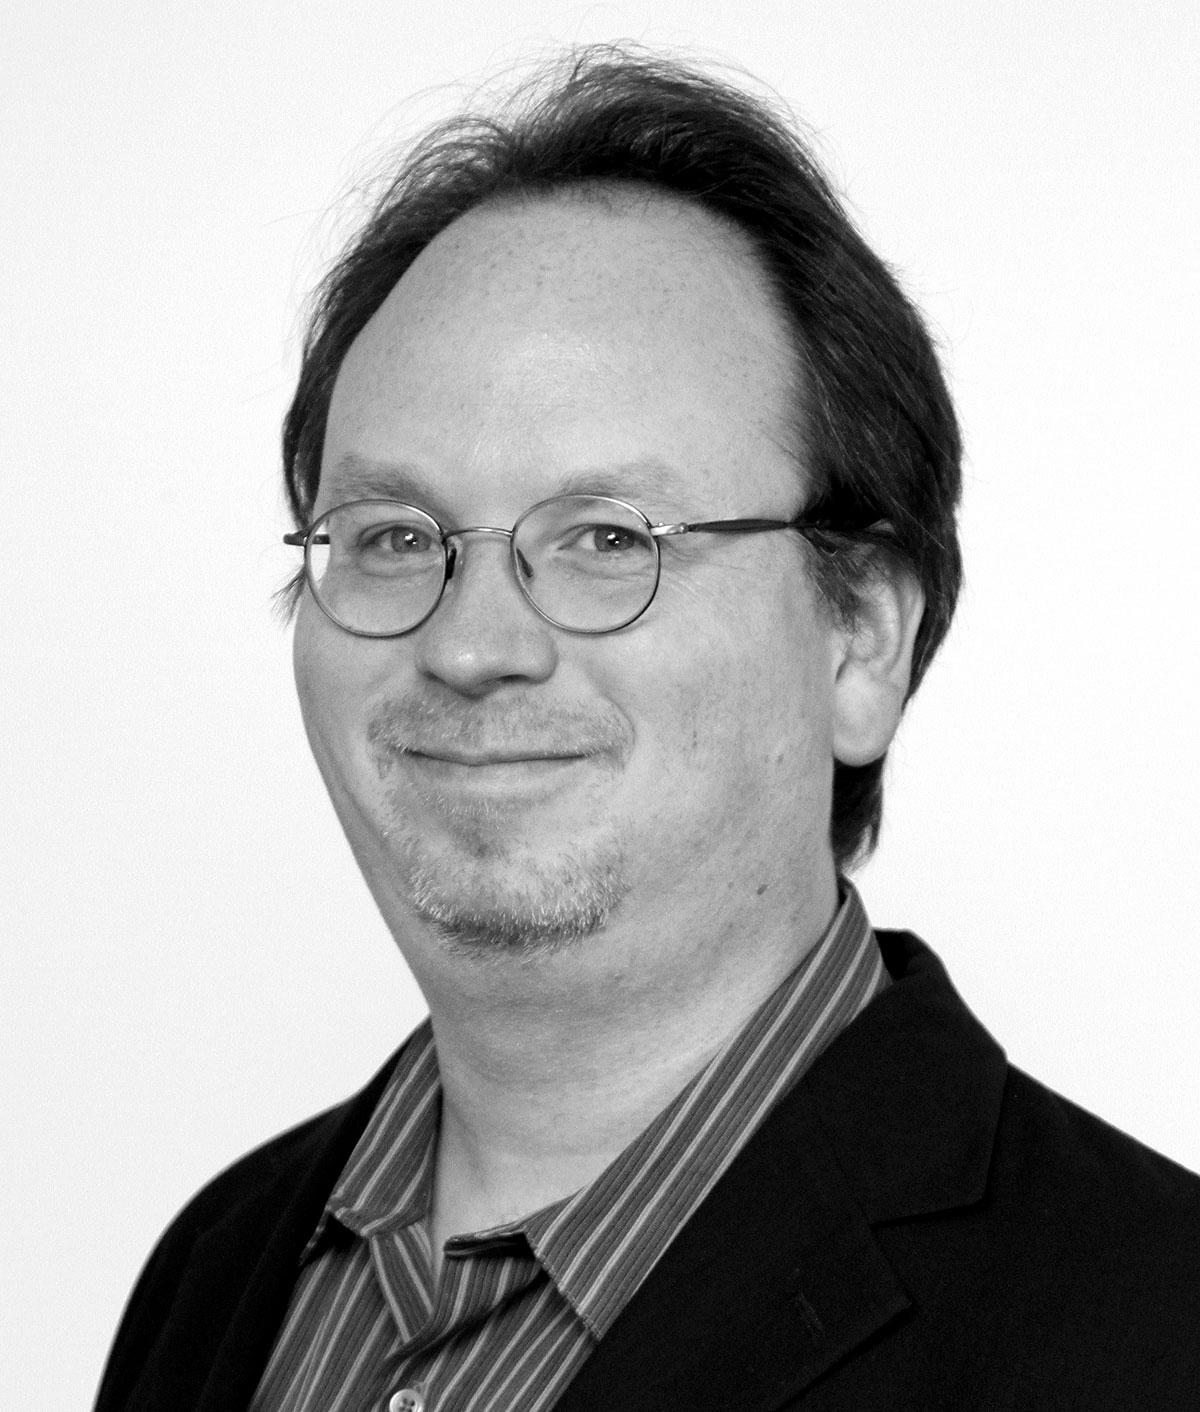 Chris Karwowski